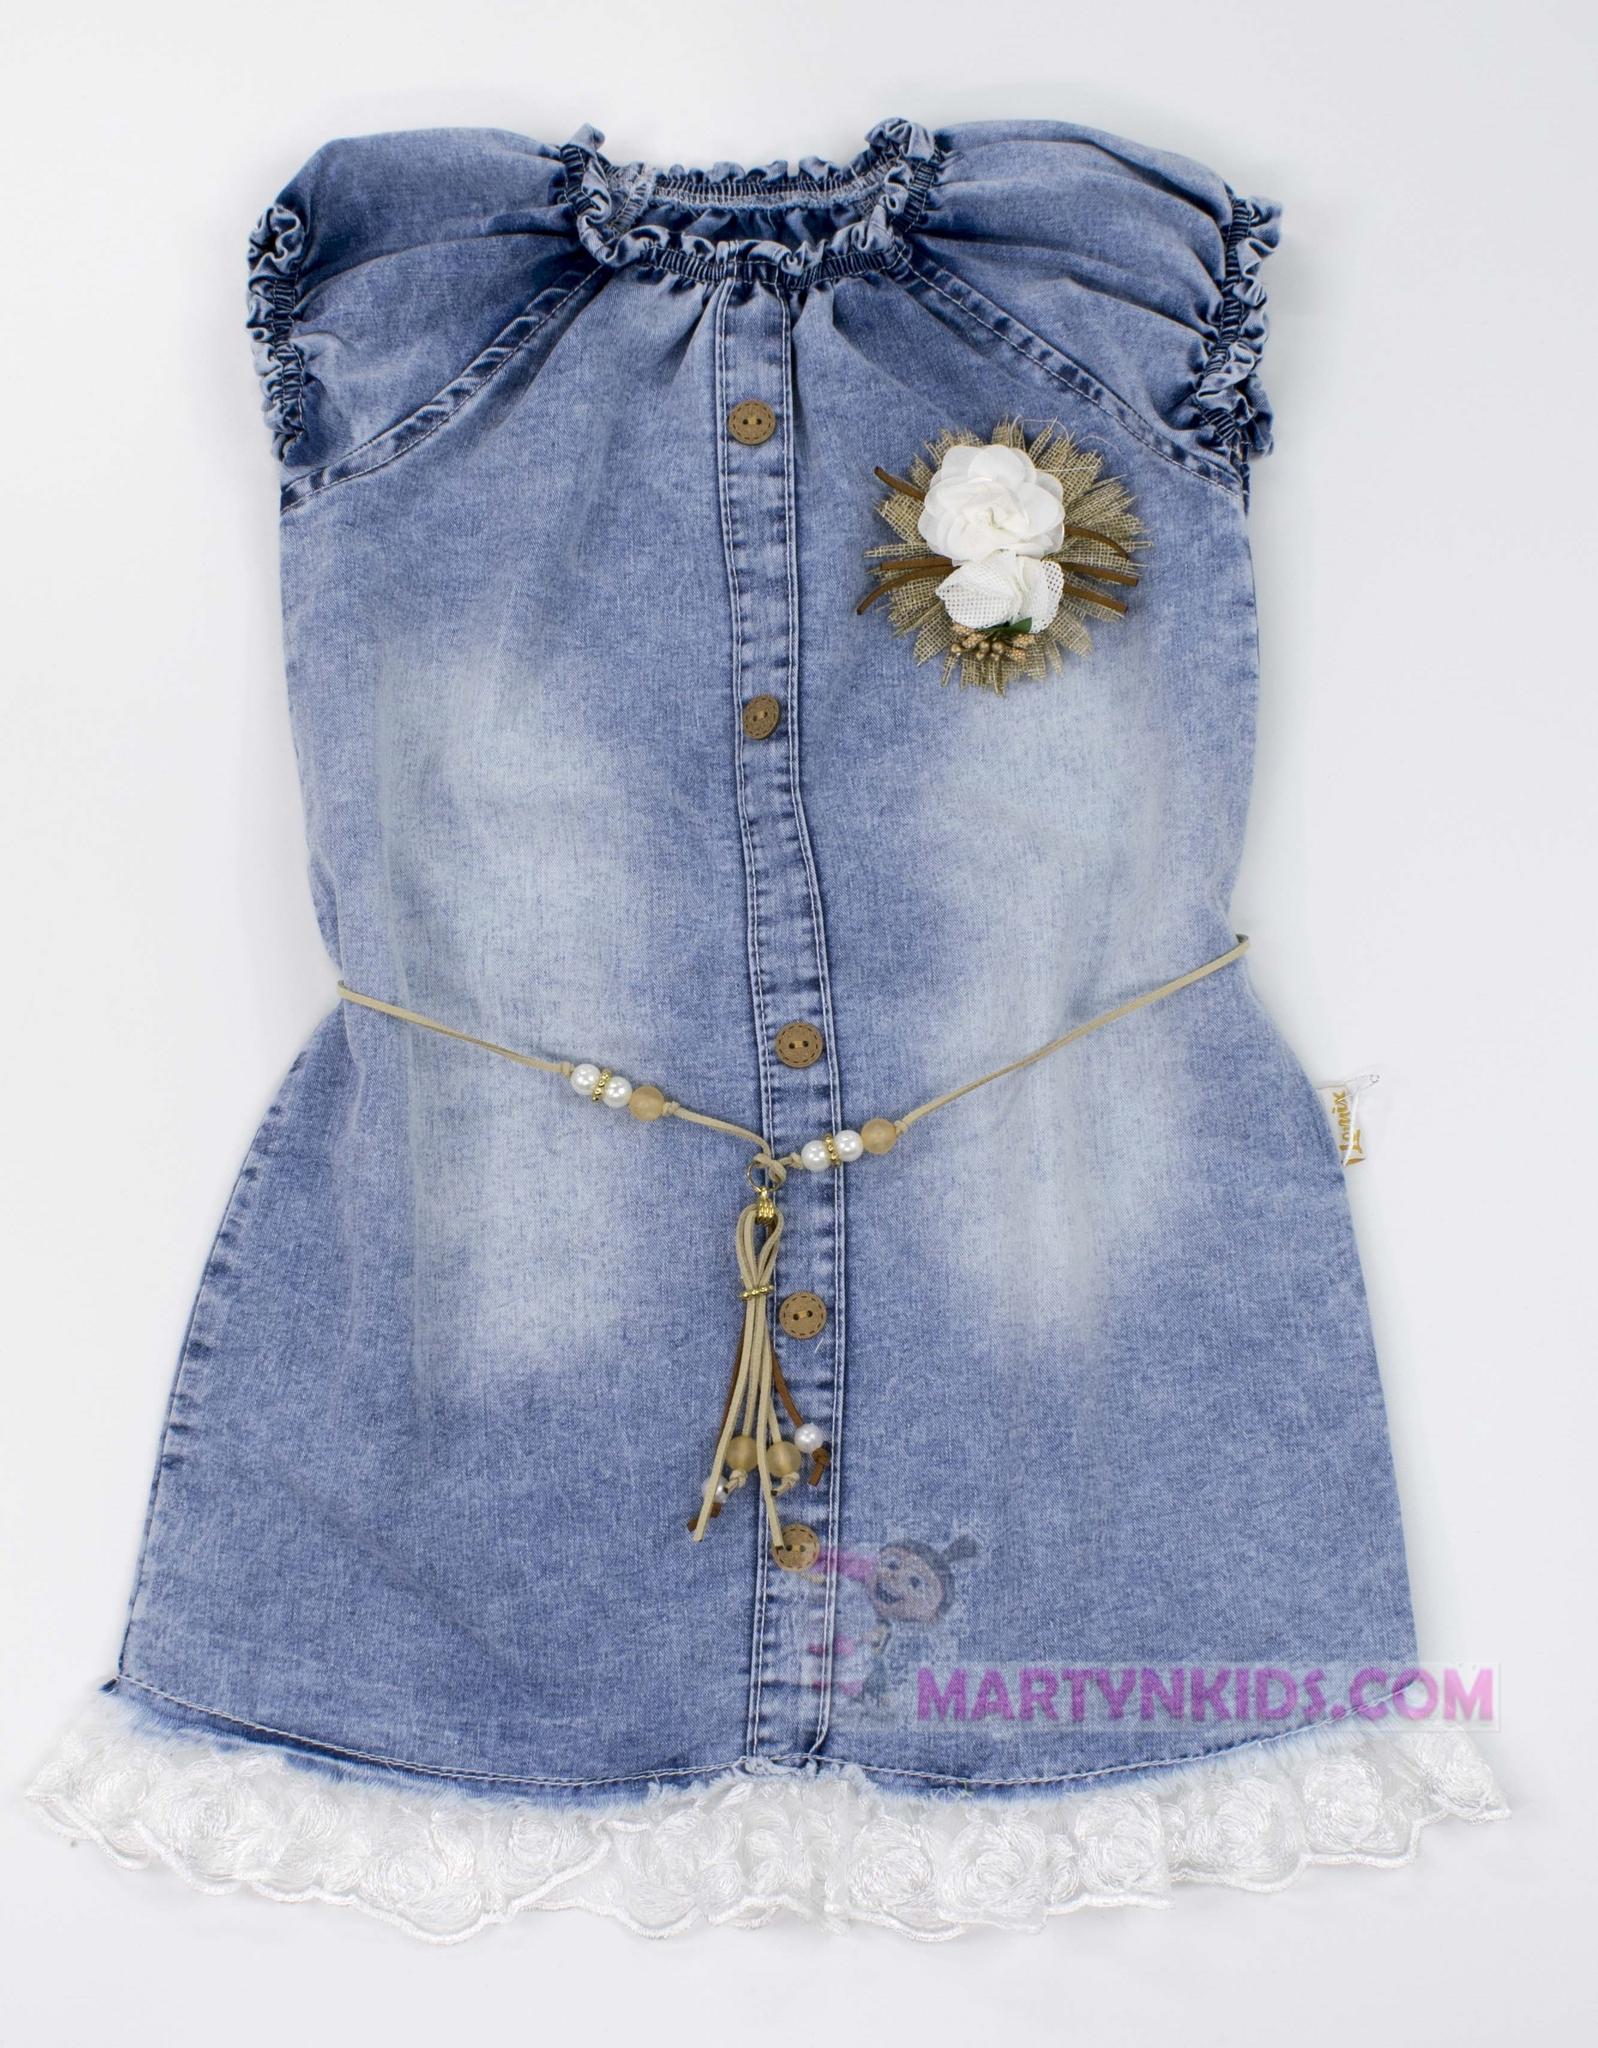 3337 сарафан поясок-цветочек джинс